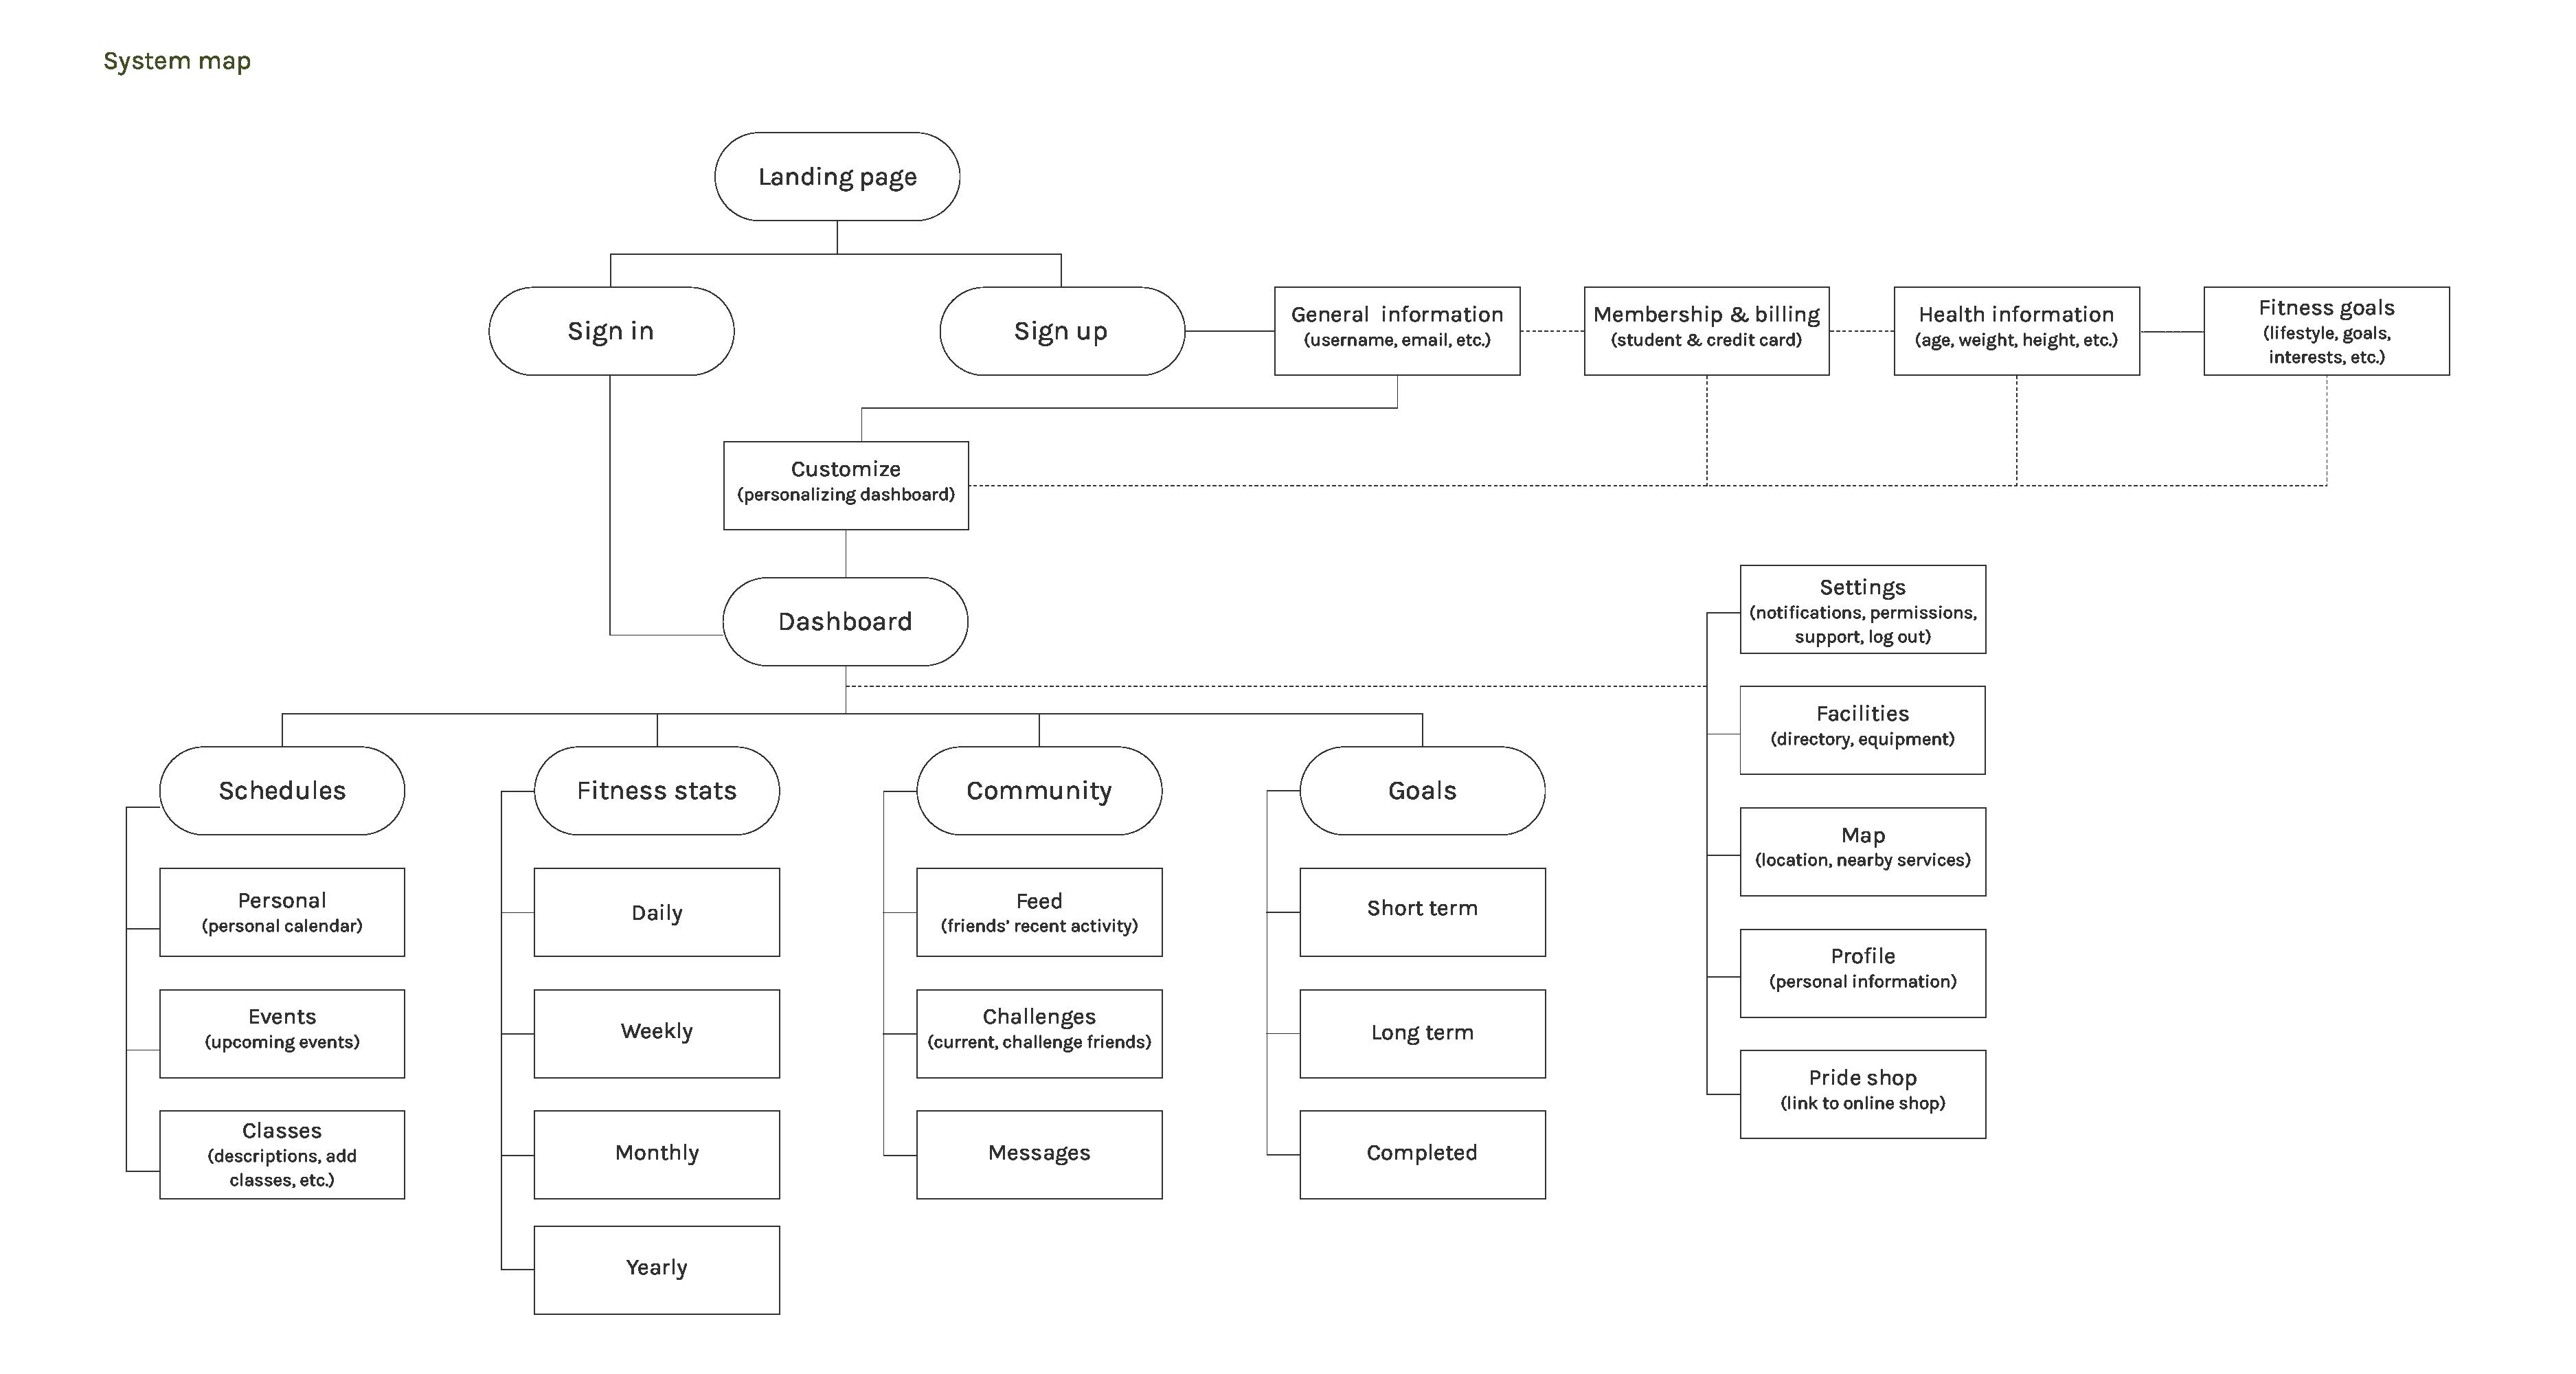 michyoung.com-taitgo-system-map-2